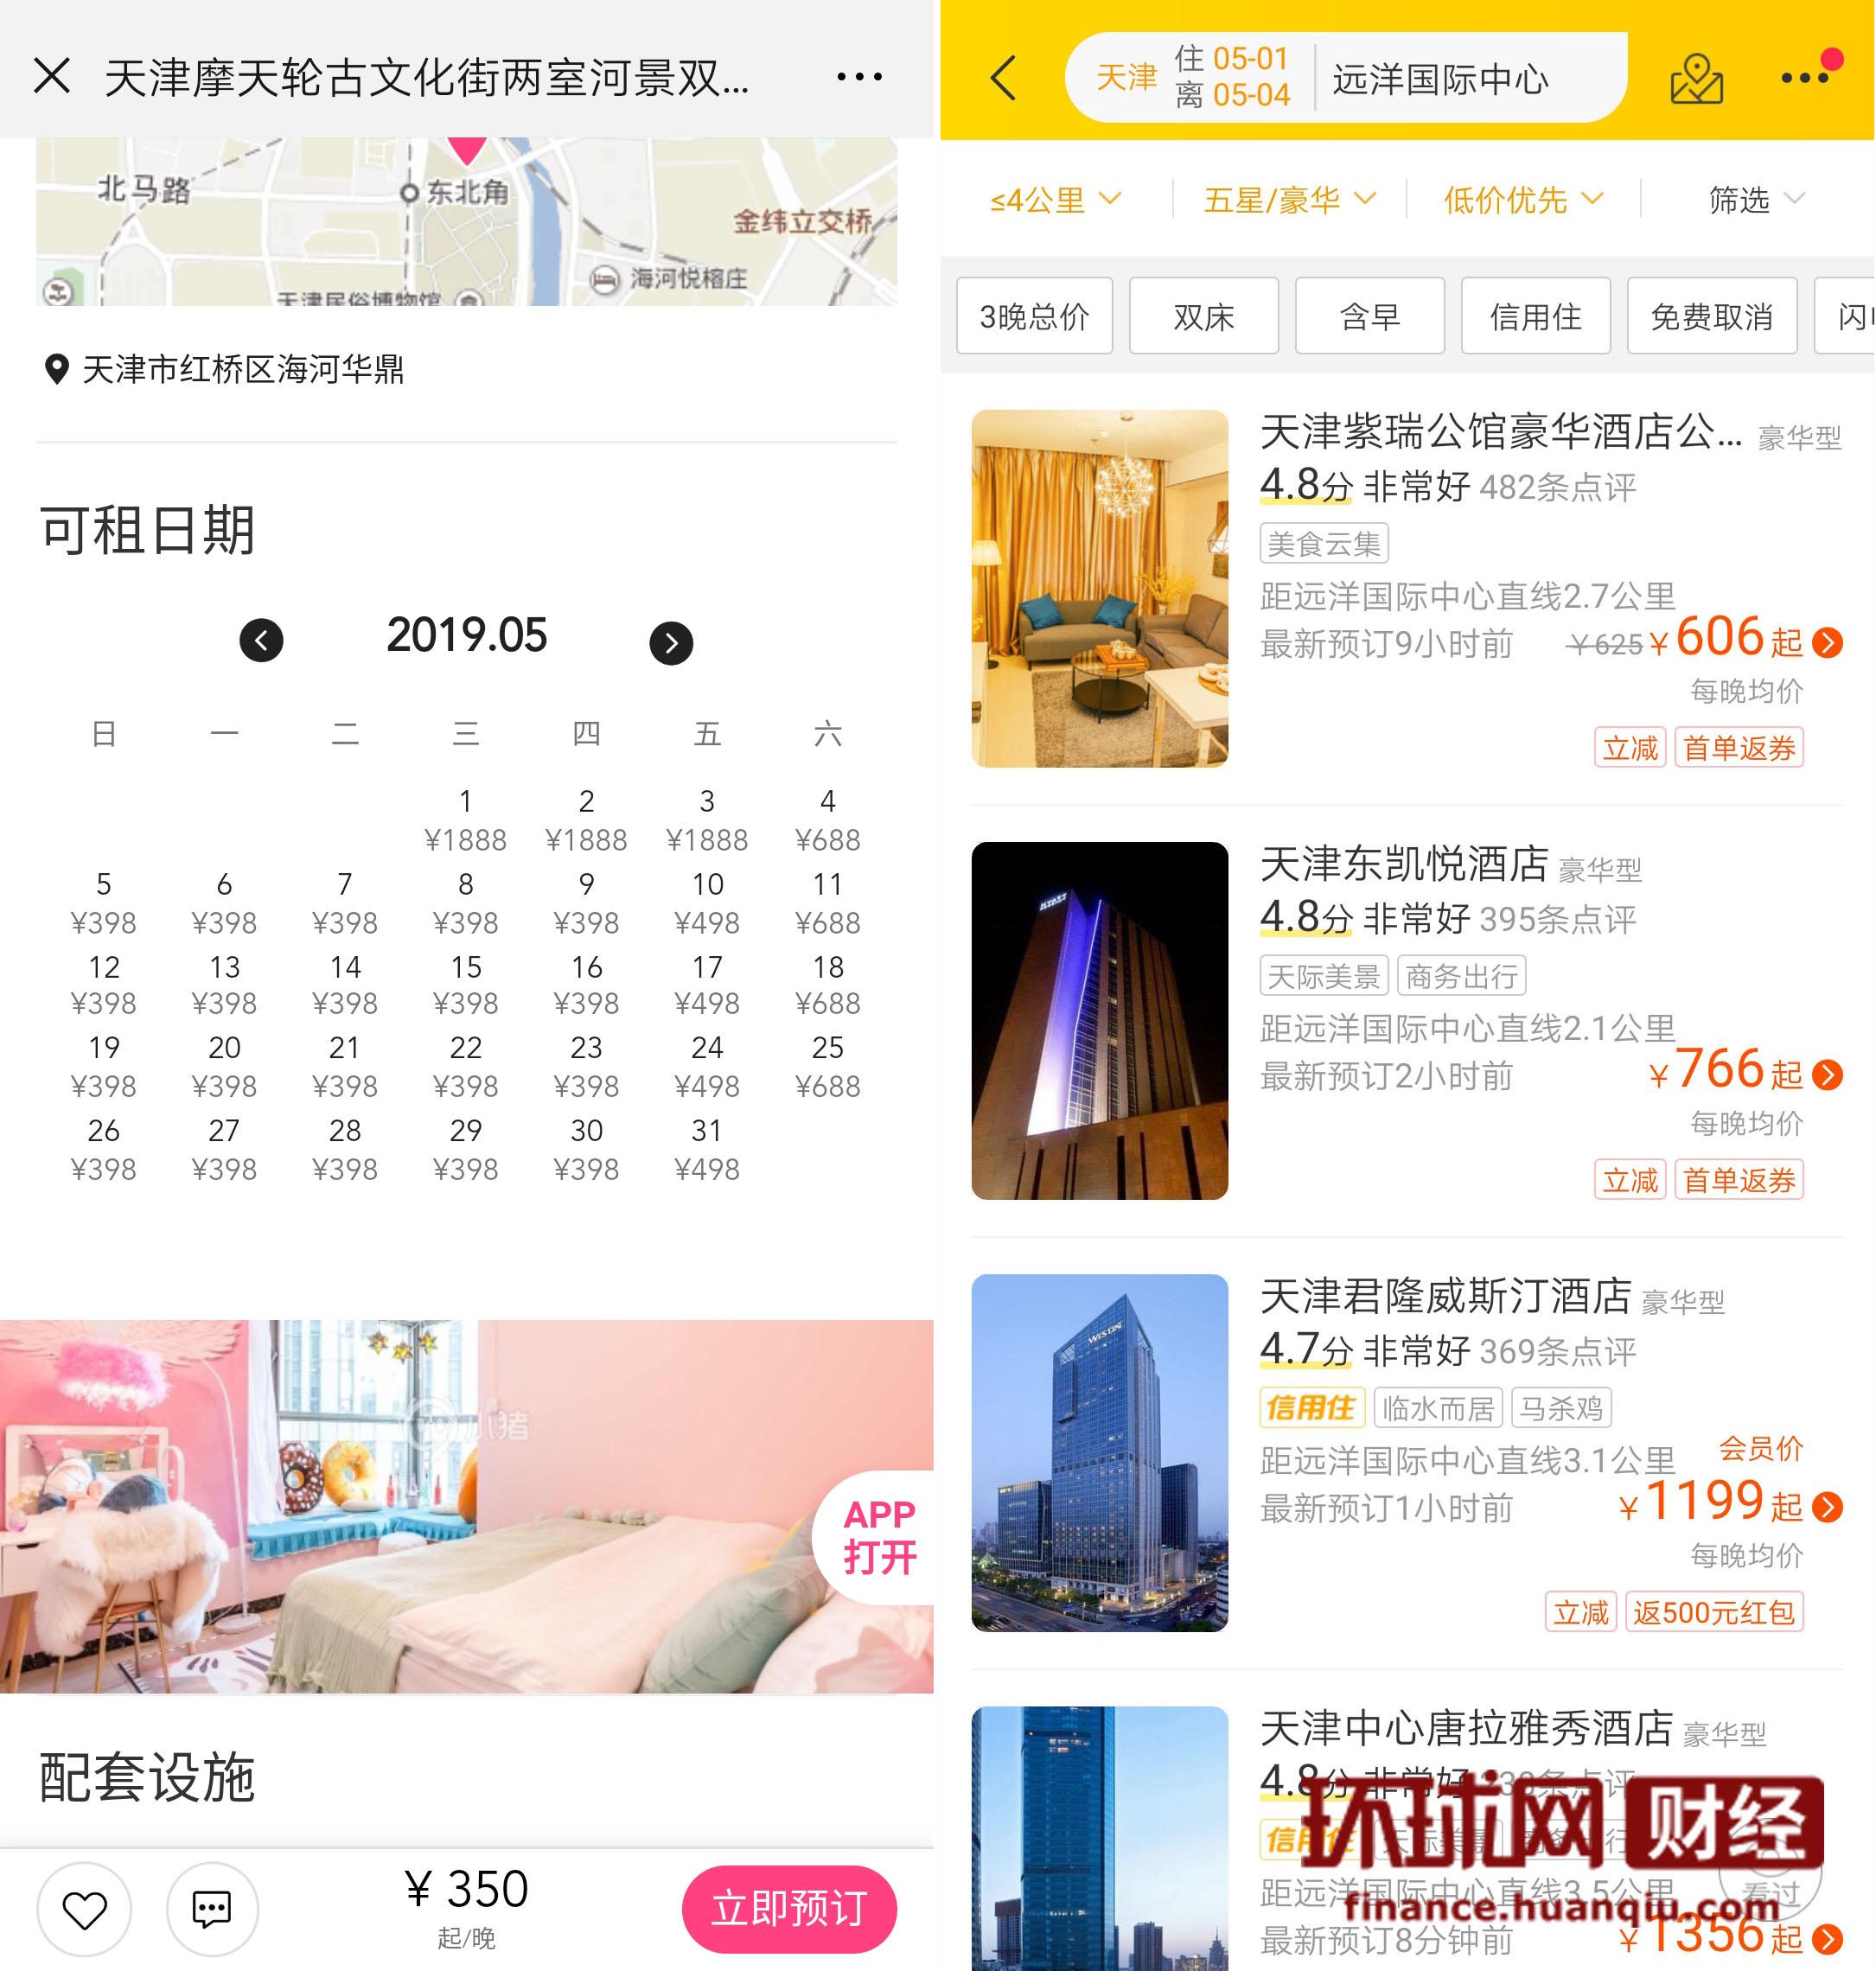 """平时398元""""五一""""1888元 节假日期间民宿价格远超五星级酒店"""